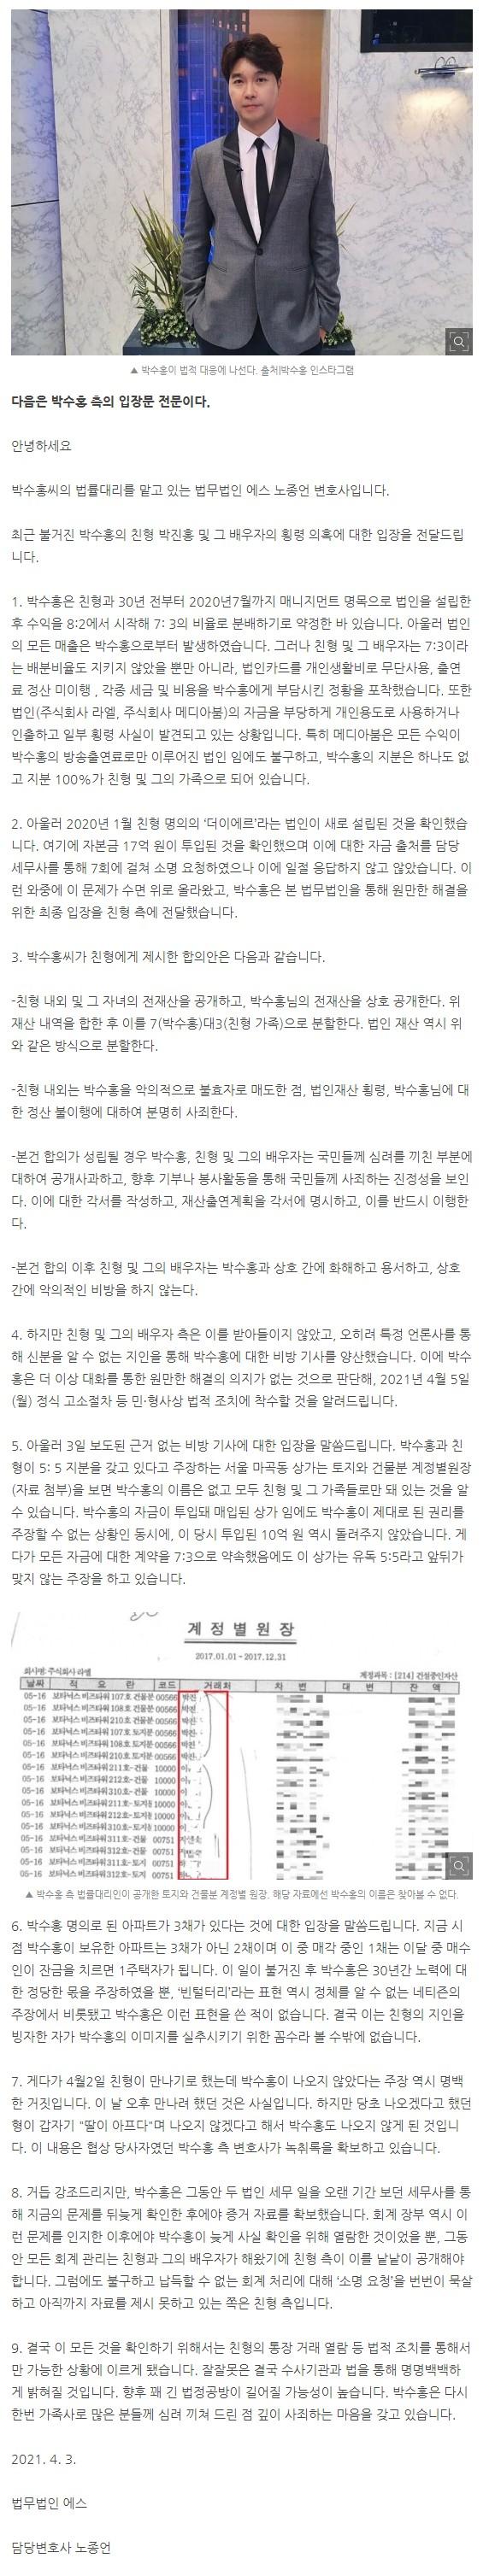 박수홍이 친형에게 제시했던 합의안